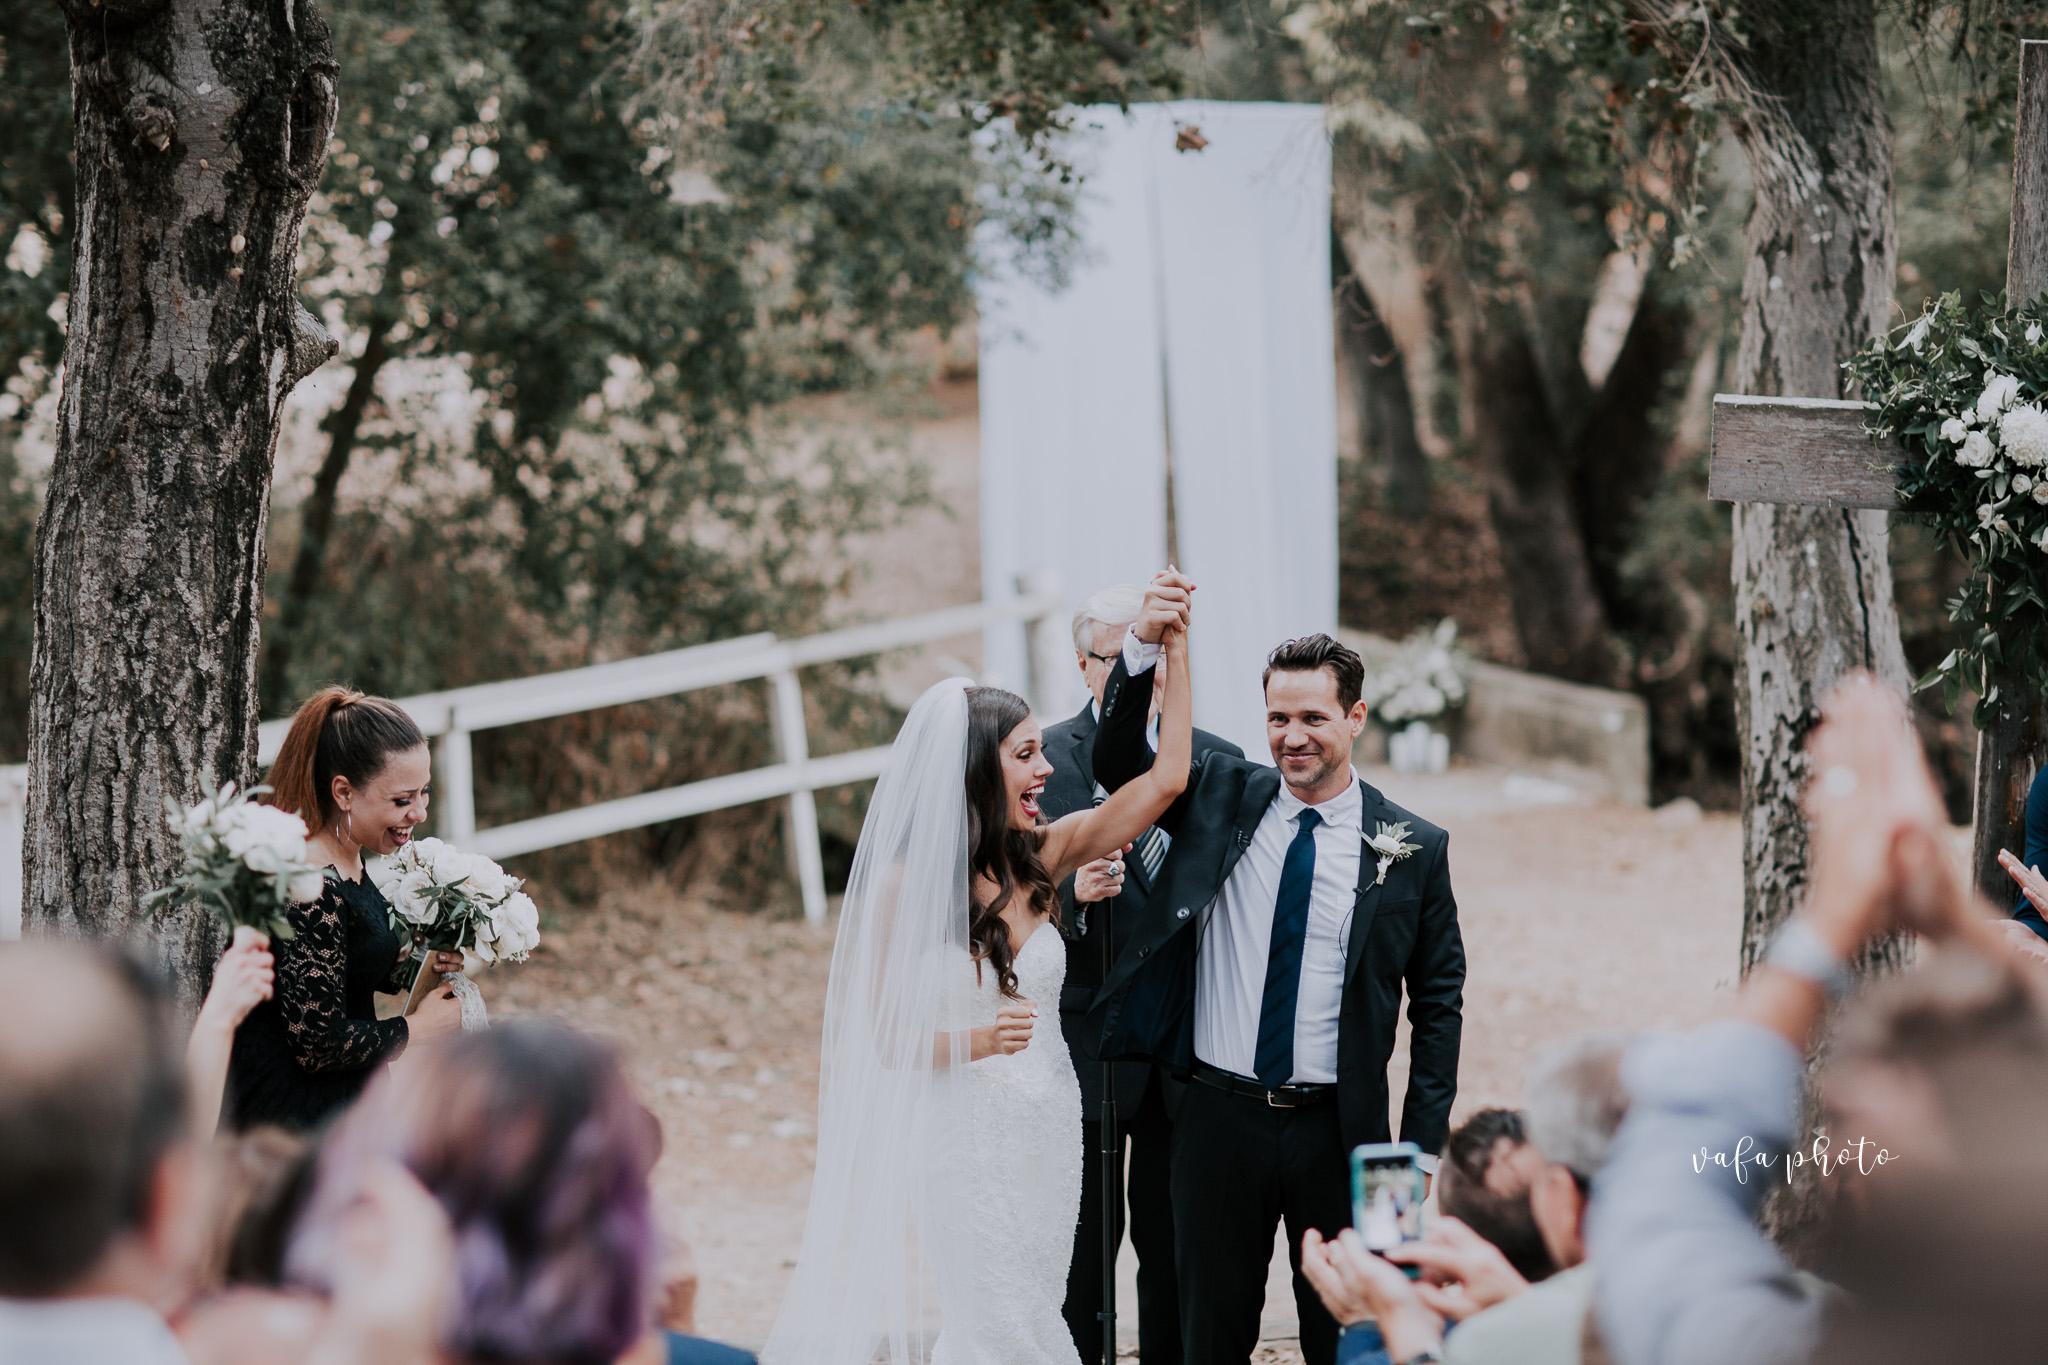 Southern-California-Wedding-Britt-Nilsson-Jeremy-Byrne-Vafa-Photo-495.jpg